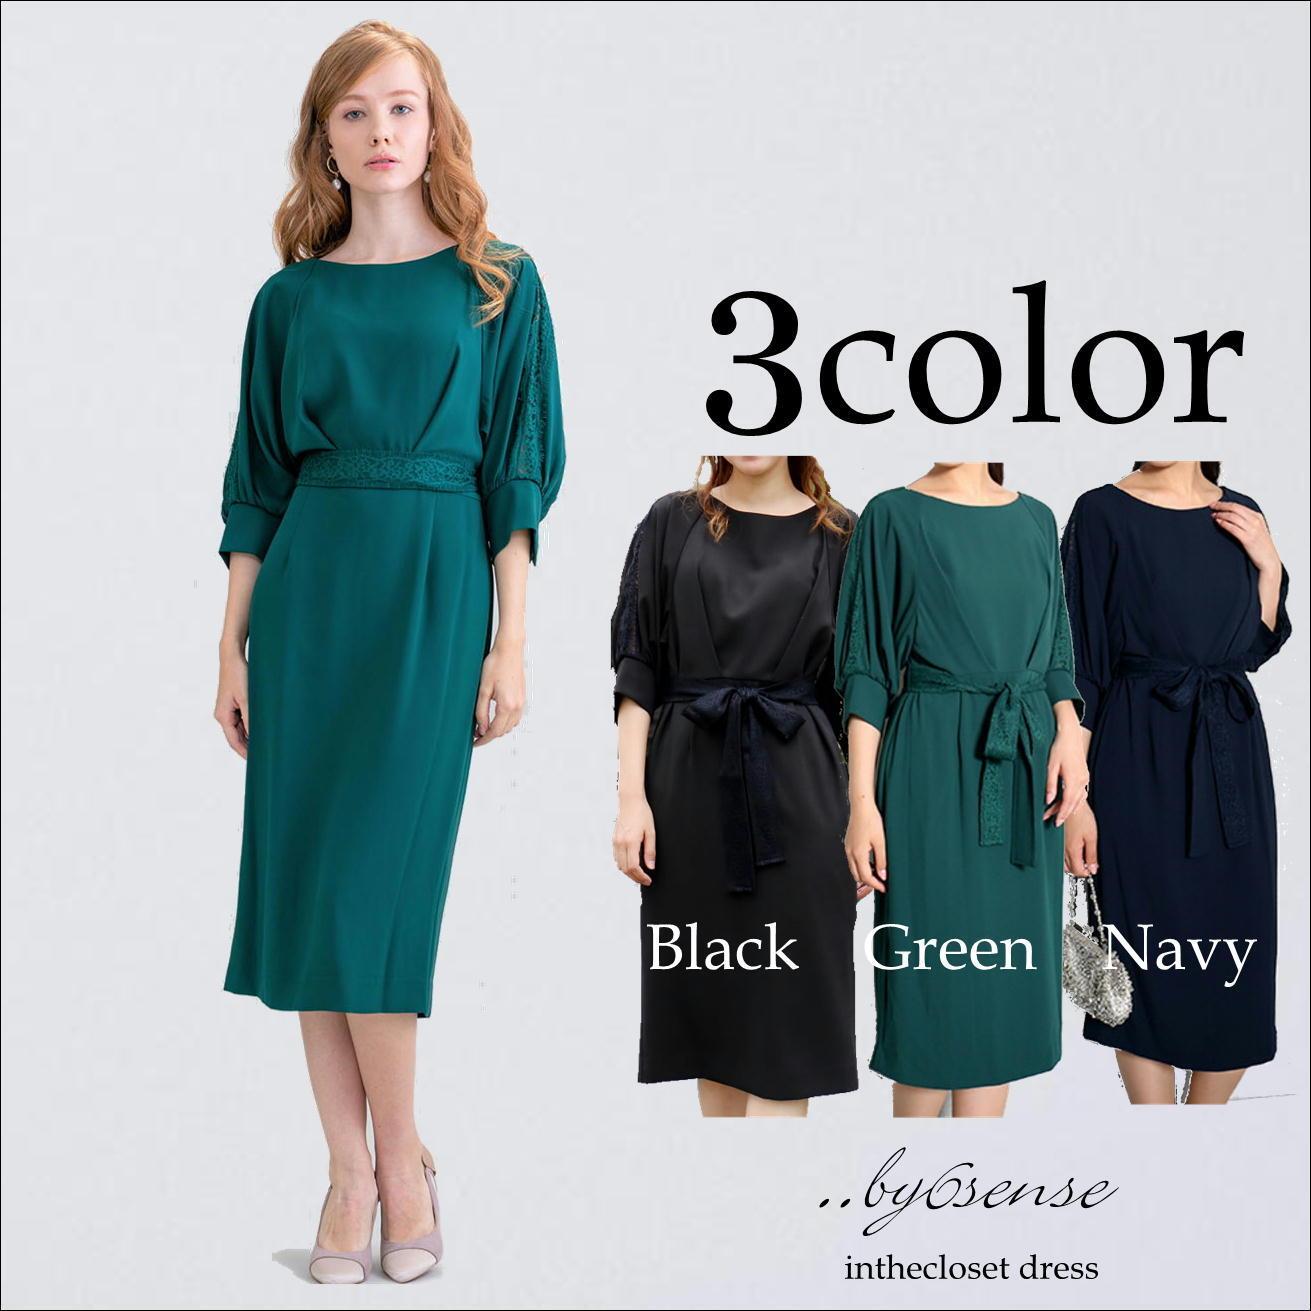 3color ボリューム七分袖 タイトドレス